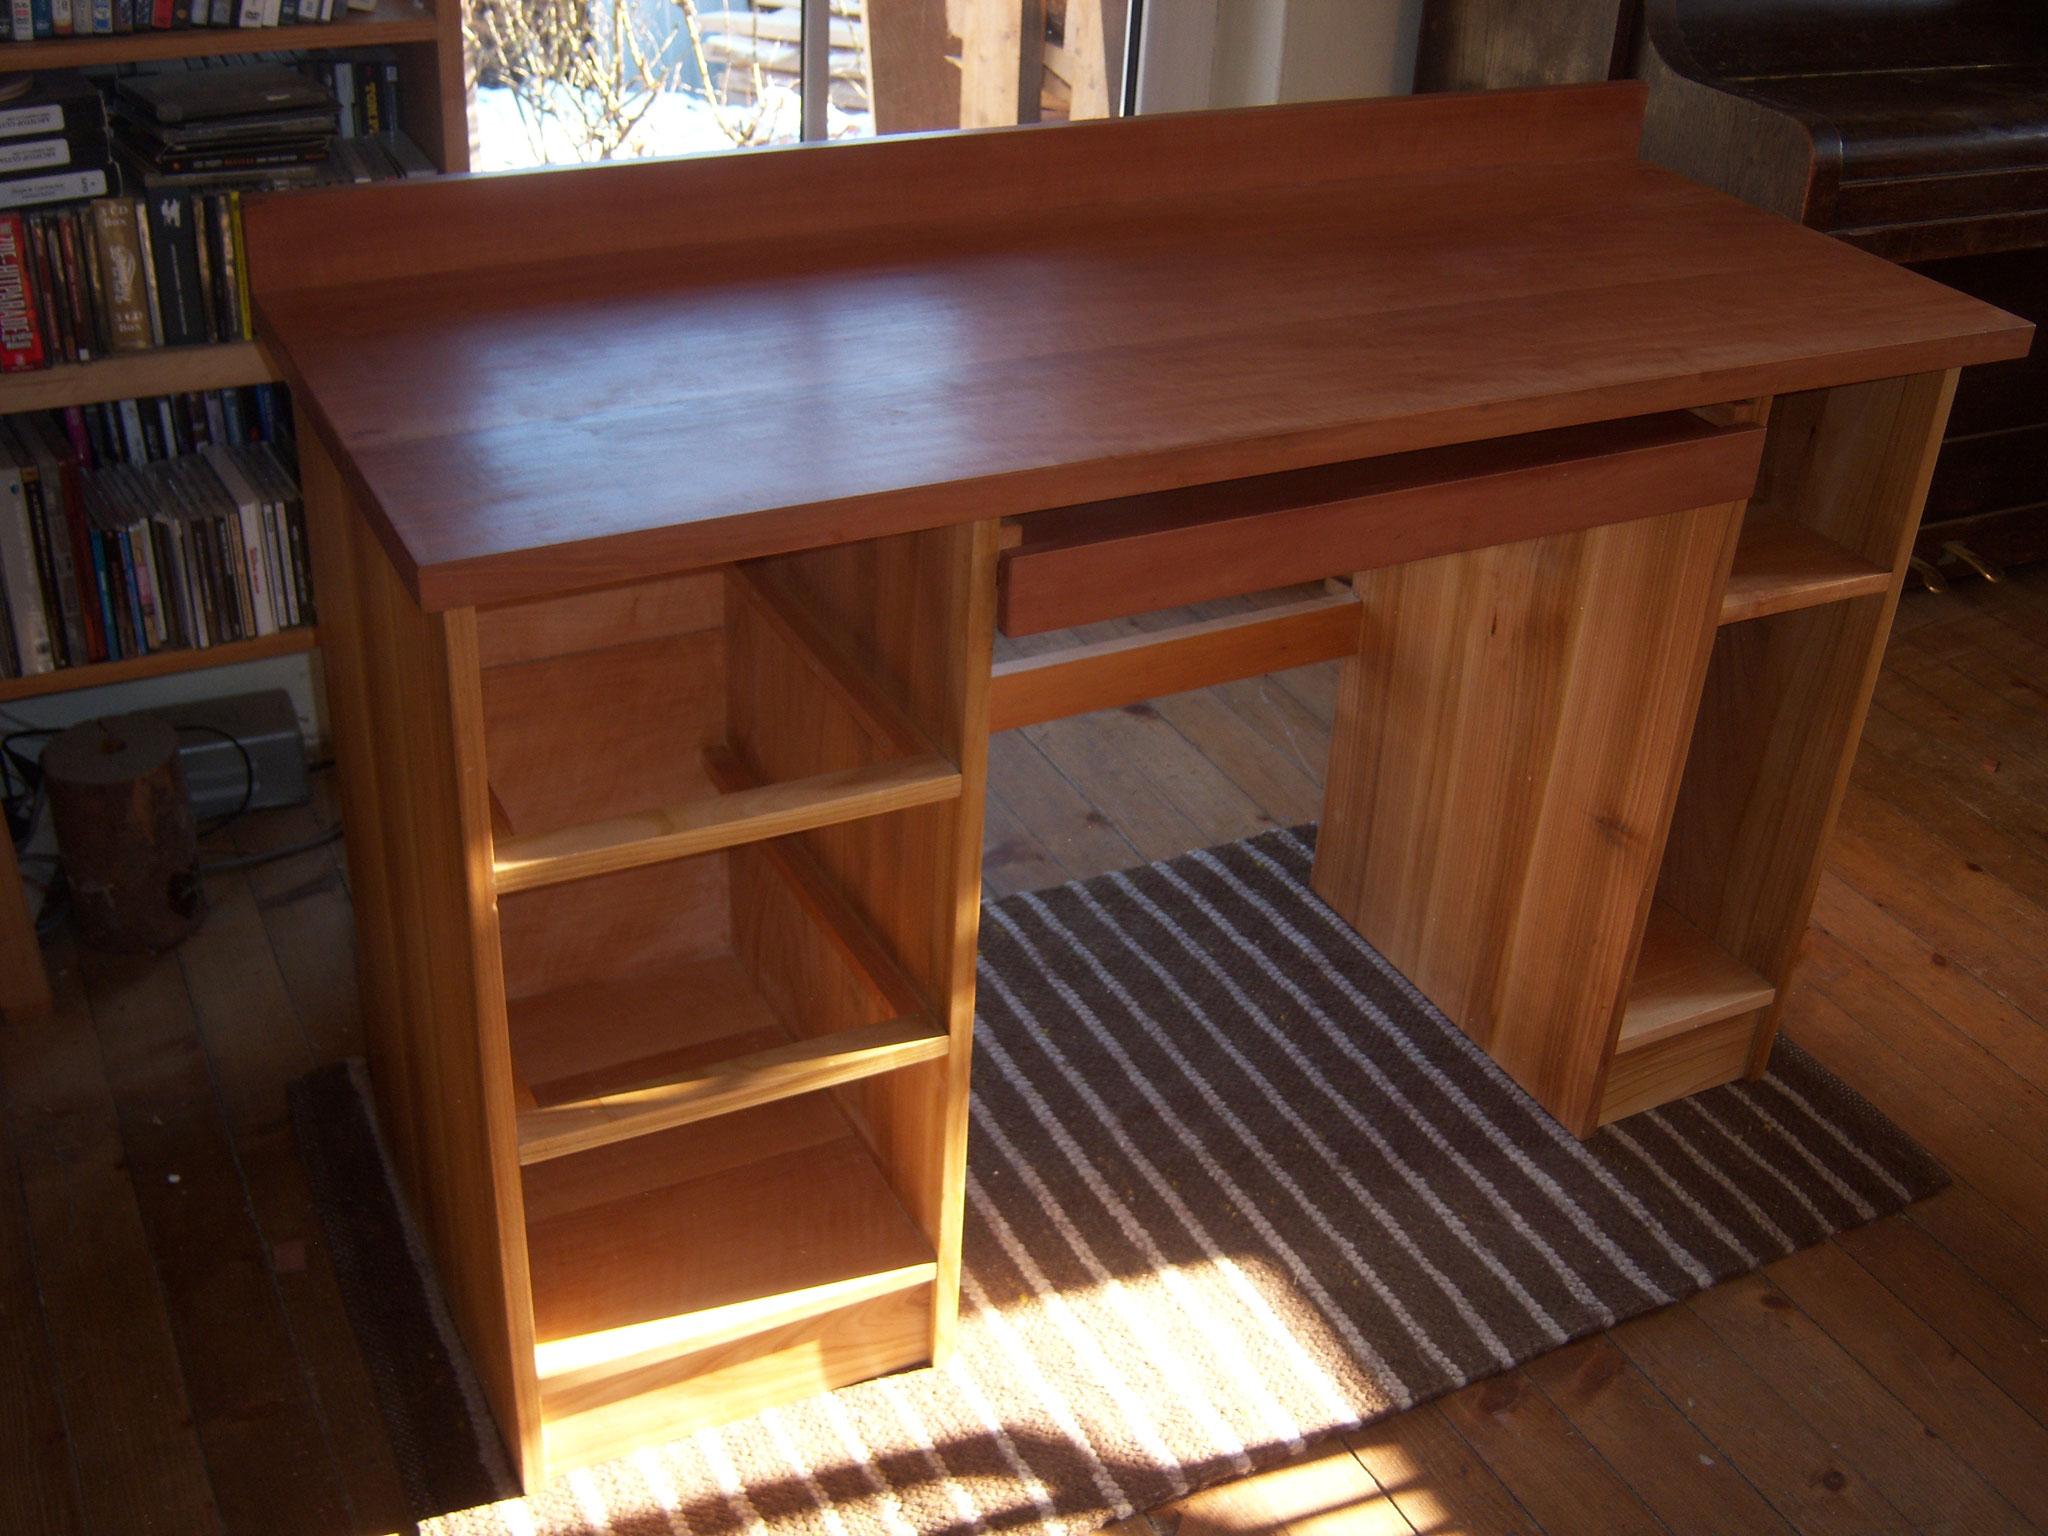 Schreibtisch Platte aus gedämpften Birnbaum, Gestell aus Kirsche